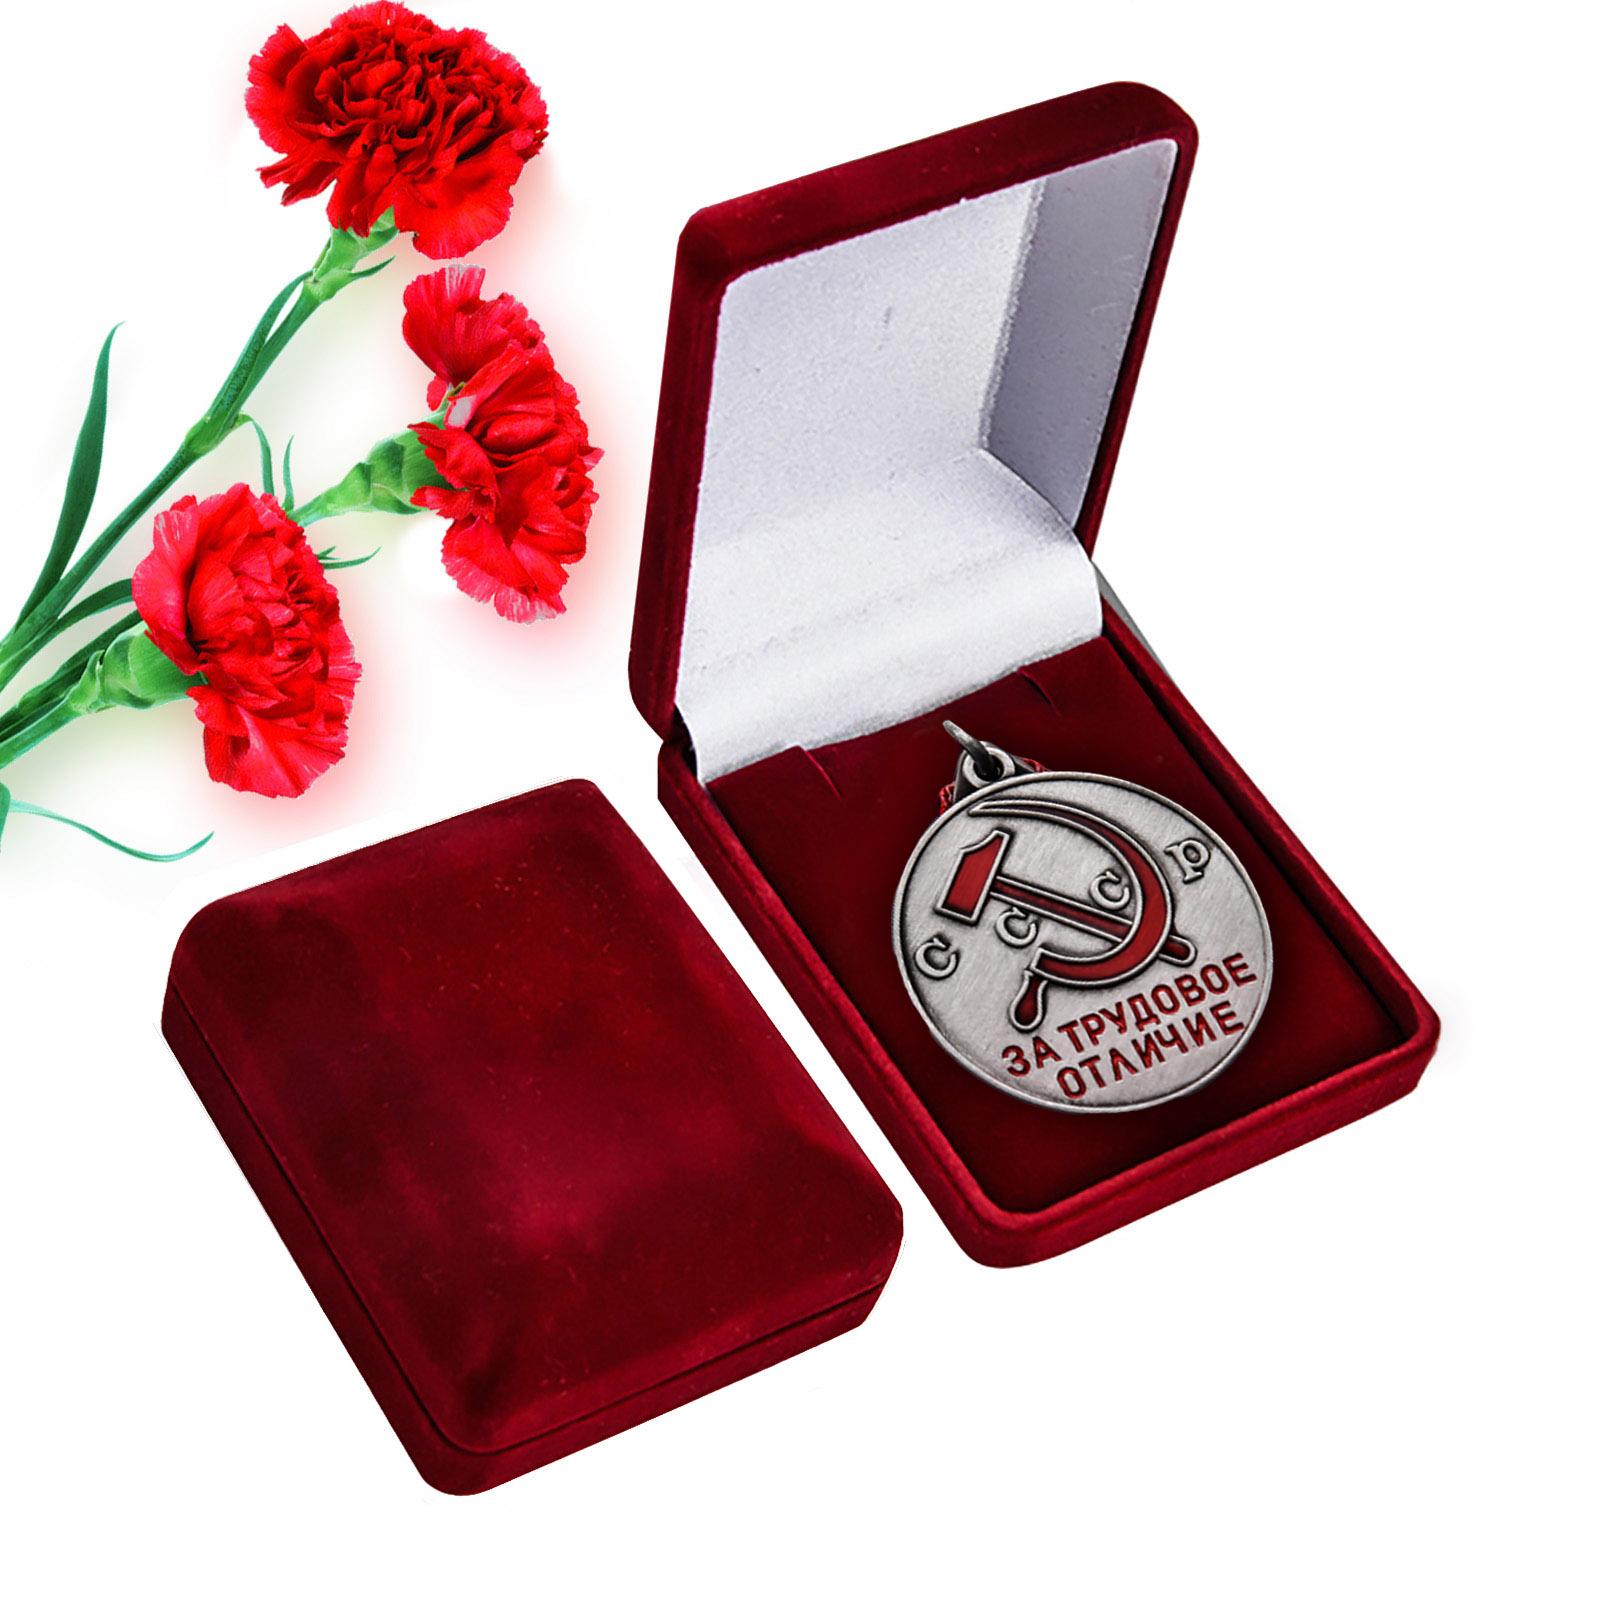 Купить латунную медаль За трудовое отличие СССР по лучшей цене